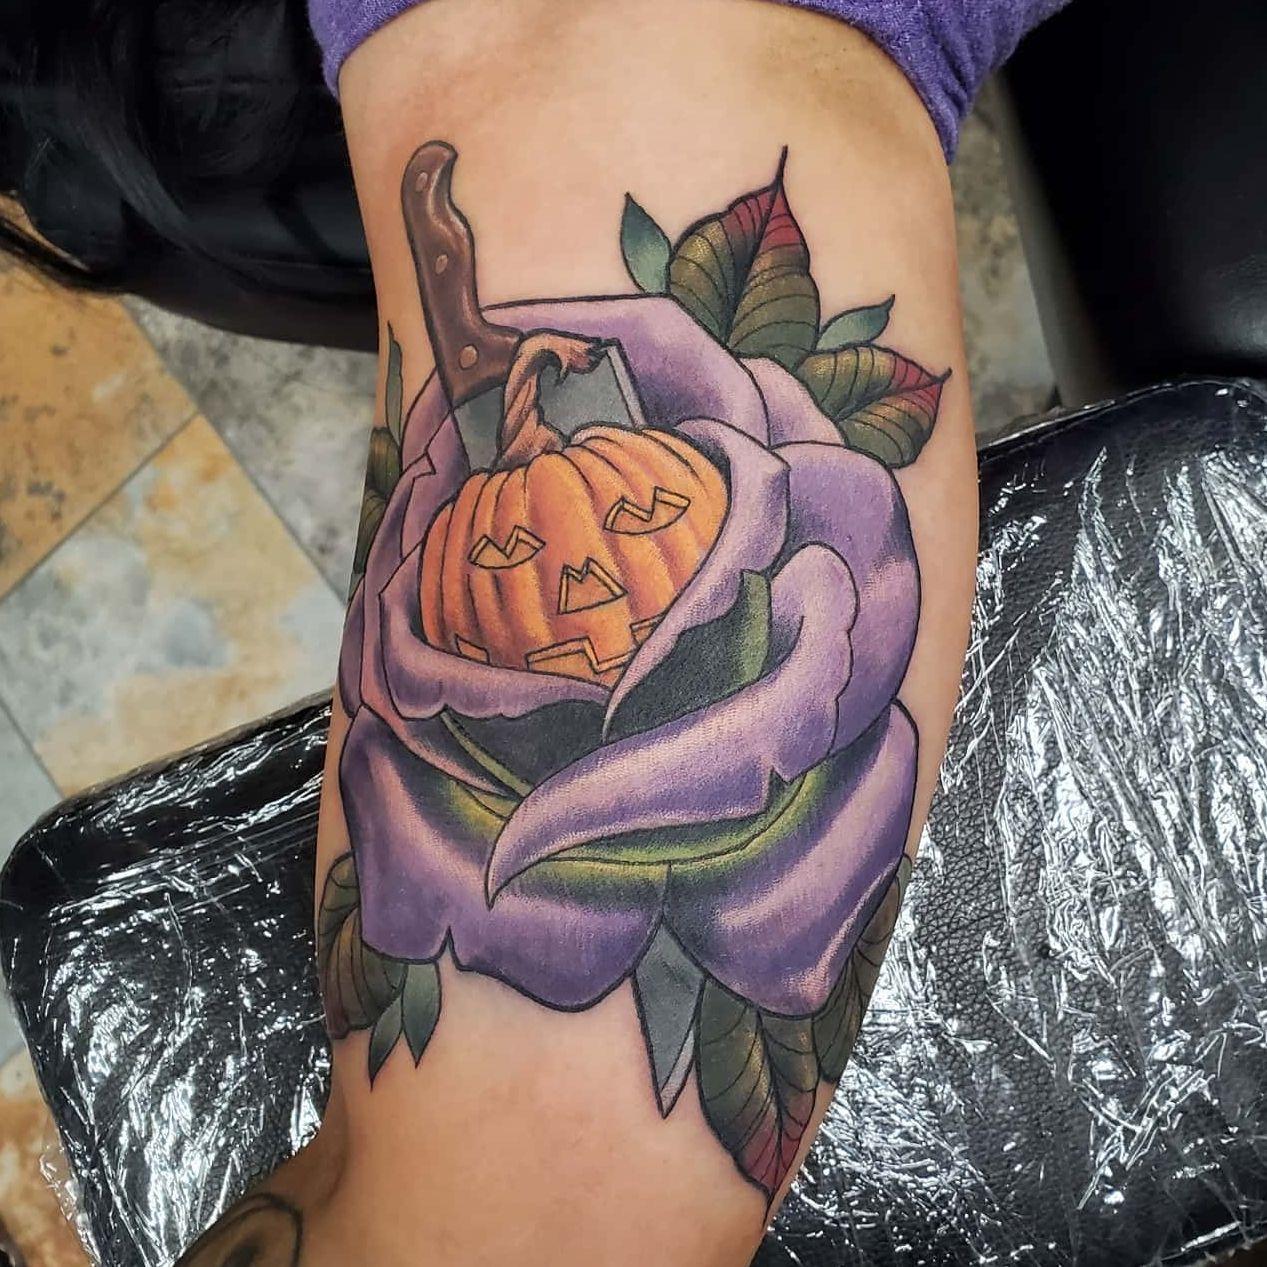 😍🎃 Slasher Jack-o-lantern Rose tattoo by @tattoosbyjonah ★ ★ ★ ★ toofastonline.com #tattoo #tattooed #tattoosnob #tattoolove #tattooideas #tattoos #tattoostagram #instatattoo #instatattoos #ink #art #darkartists #blackwork #bw #blackwork #blacktattoo #onlythedarkest #blacktattooing #blackworkers #blxckink #blackandgreytattoo #blackandgrey #inked